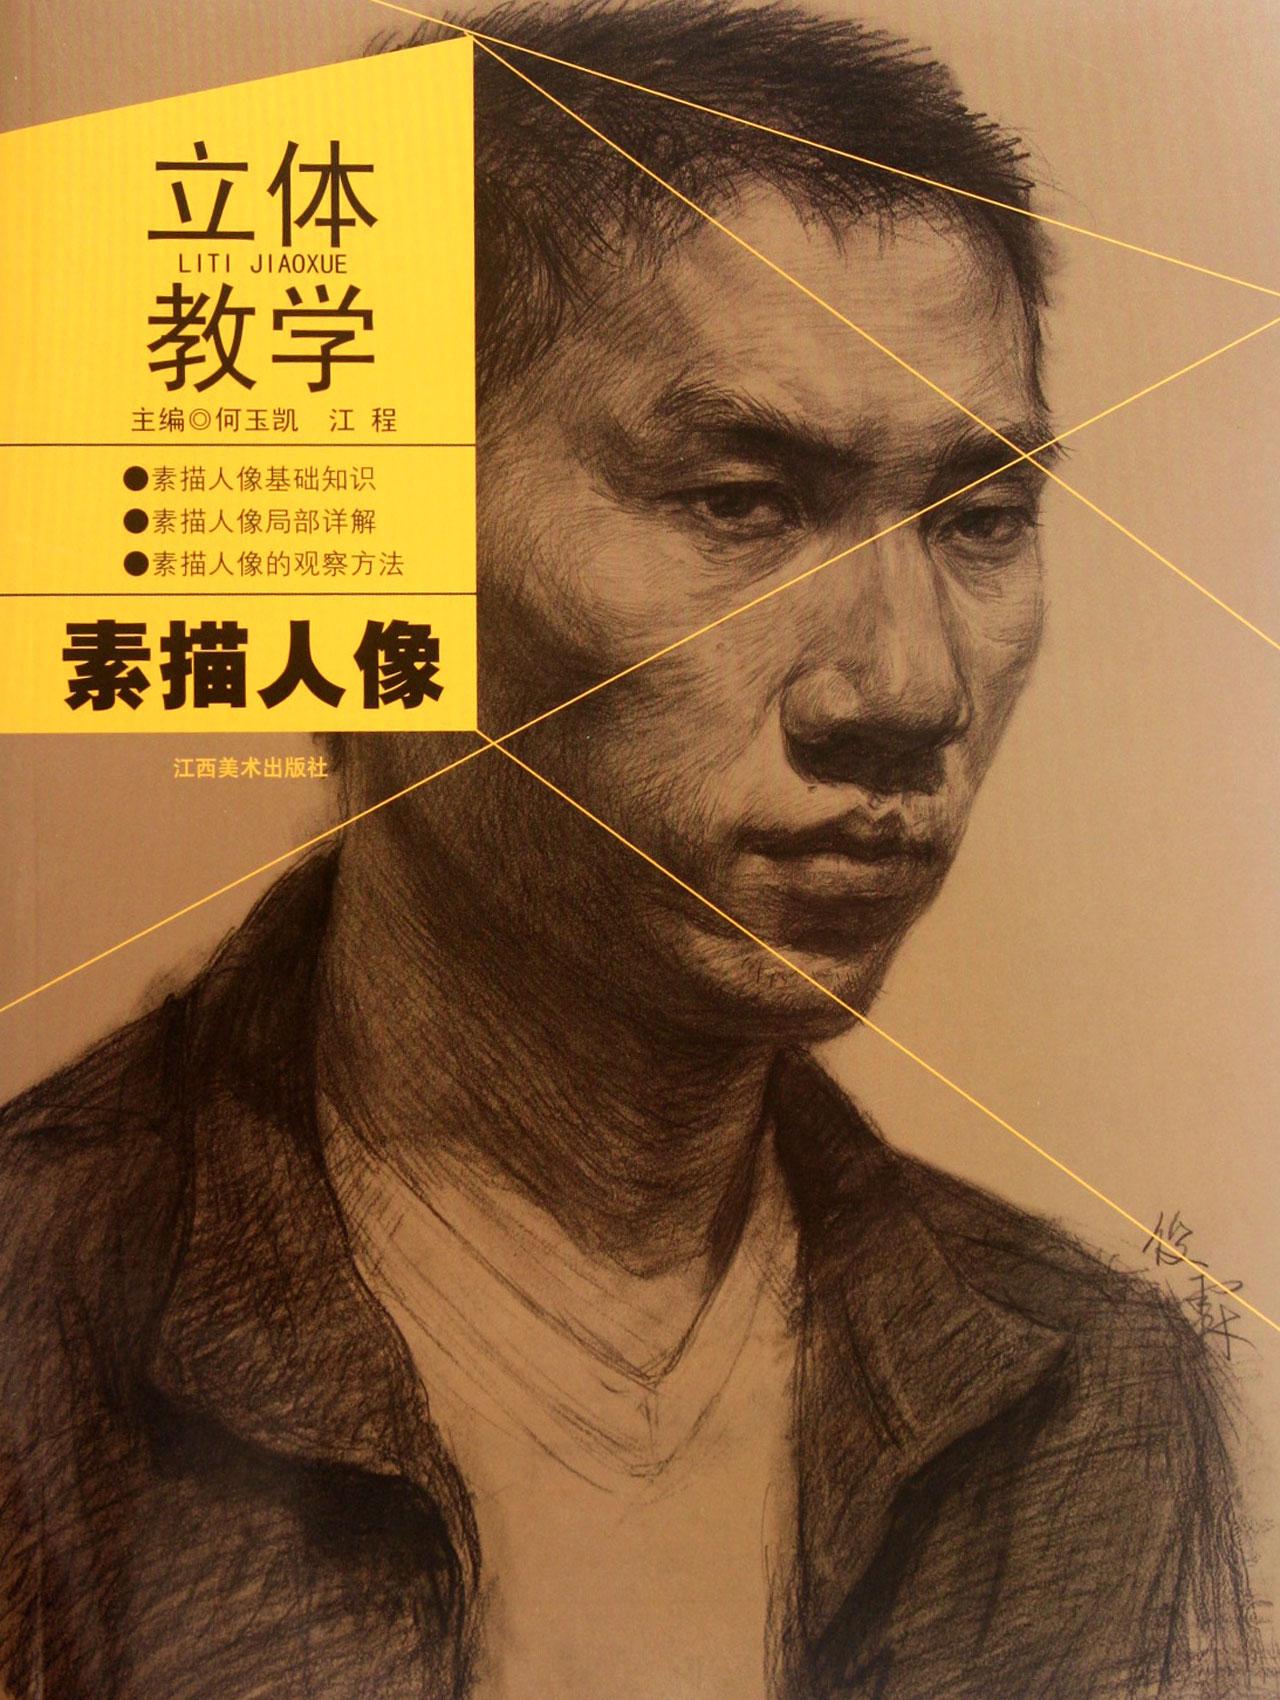 人物脸部表情素描 素描人物脸部怎么画,人物脸部素描结构